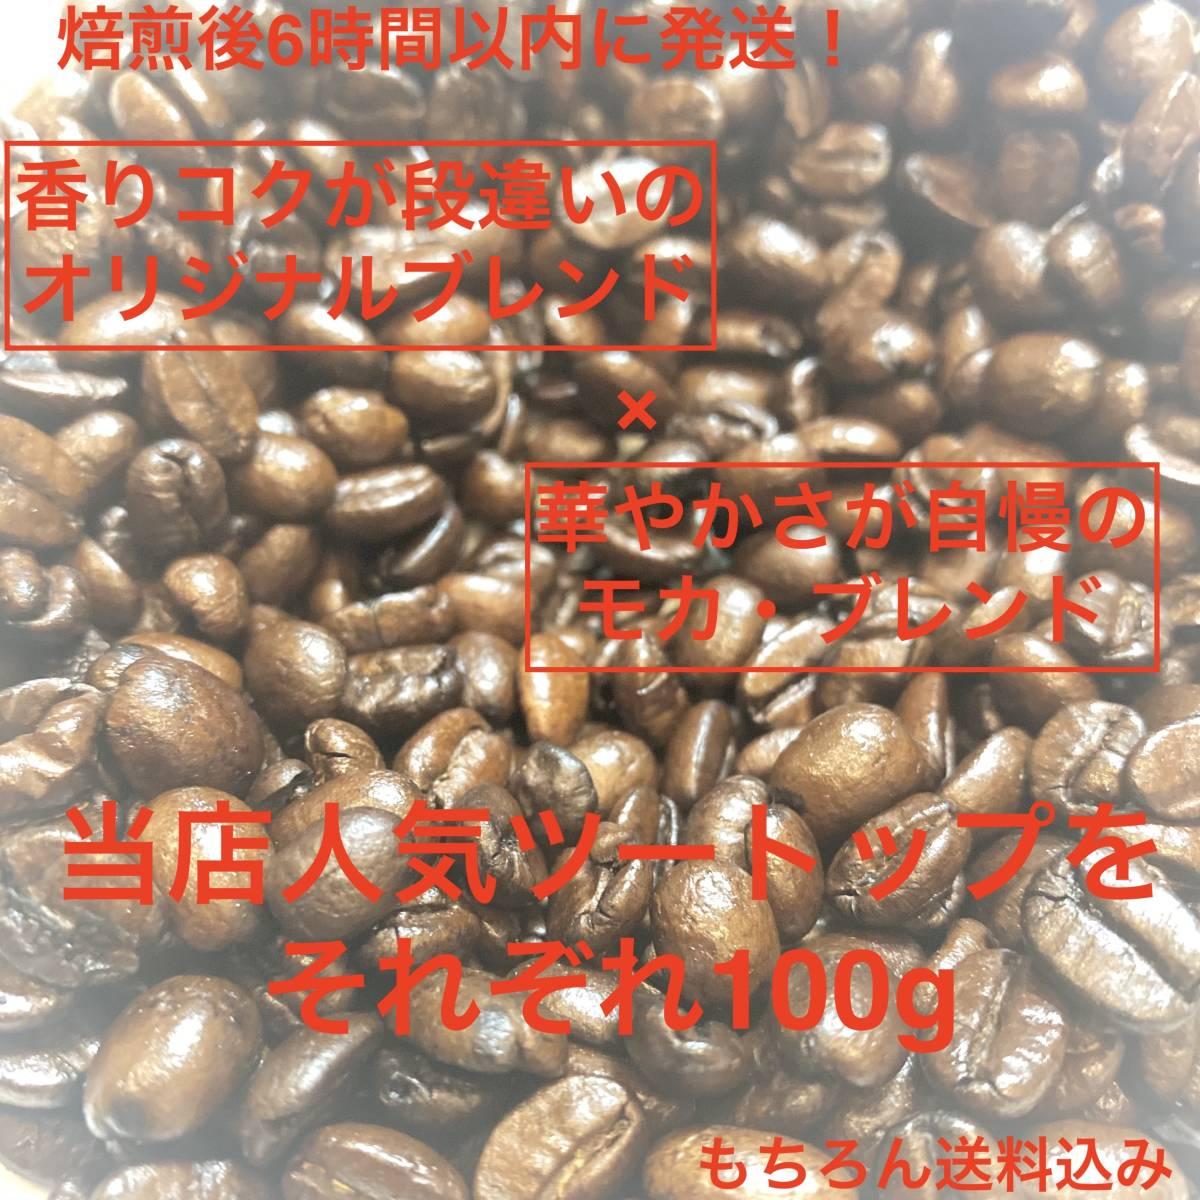 [コーヒー豆] 飲み比べお試しセット!!100gずつ計[200g]_画像1